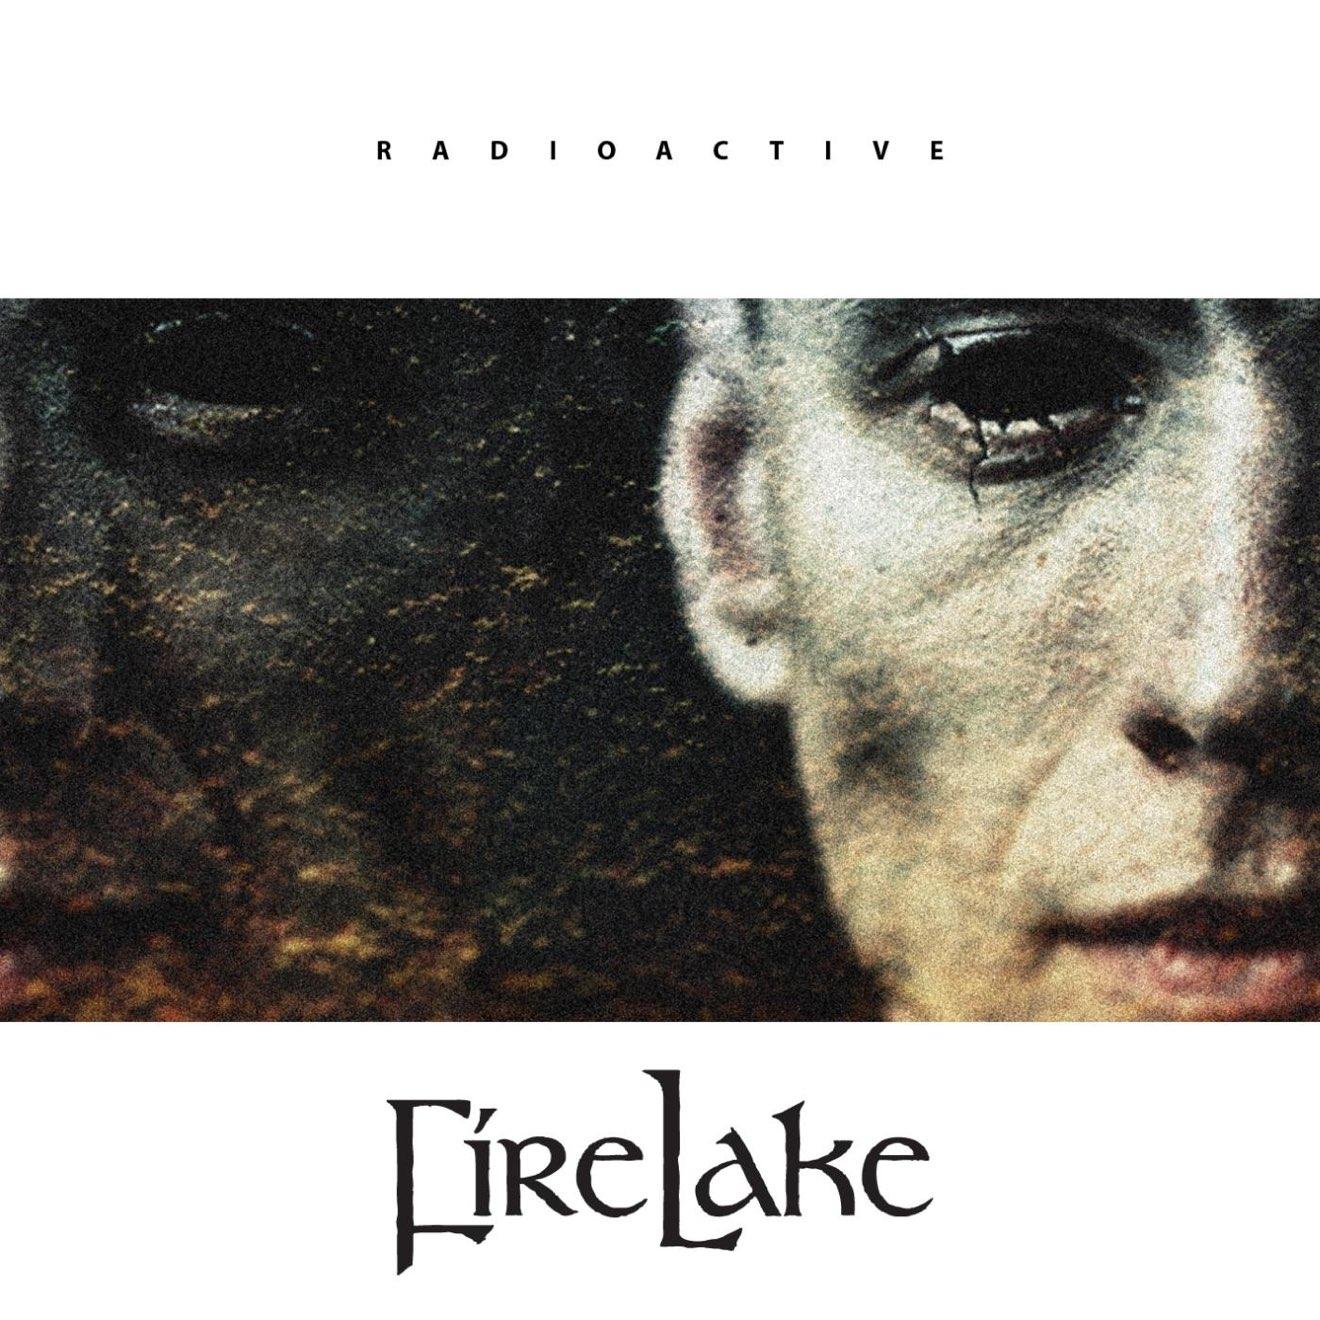 FireLake